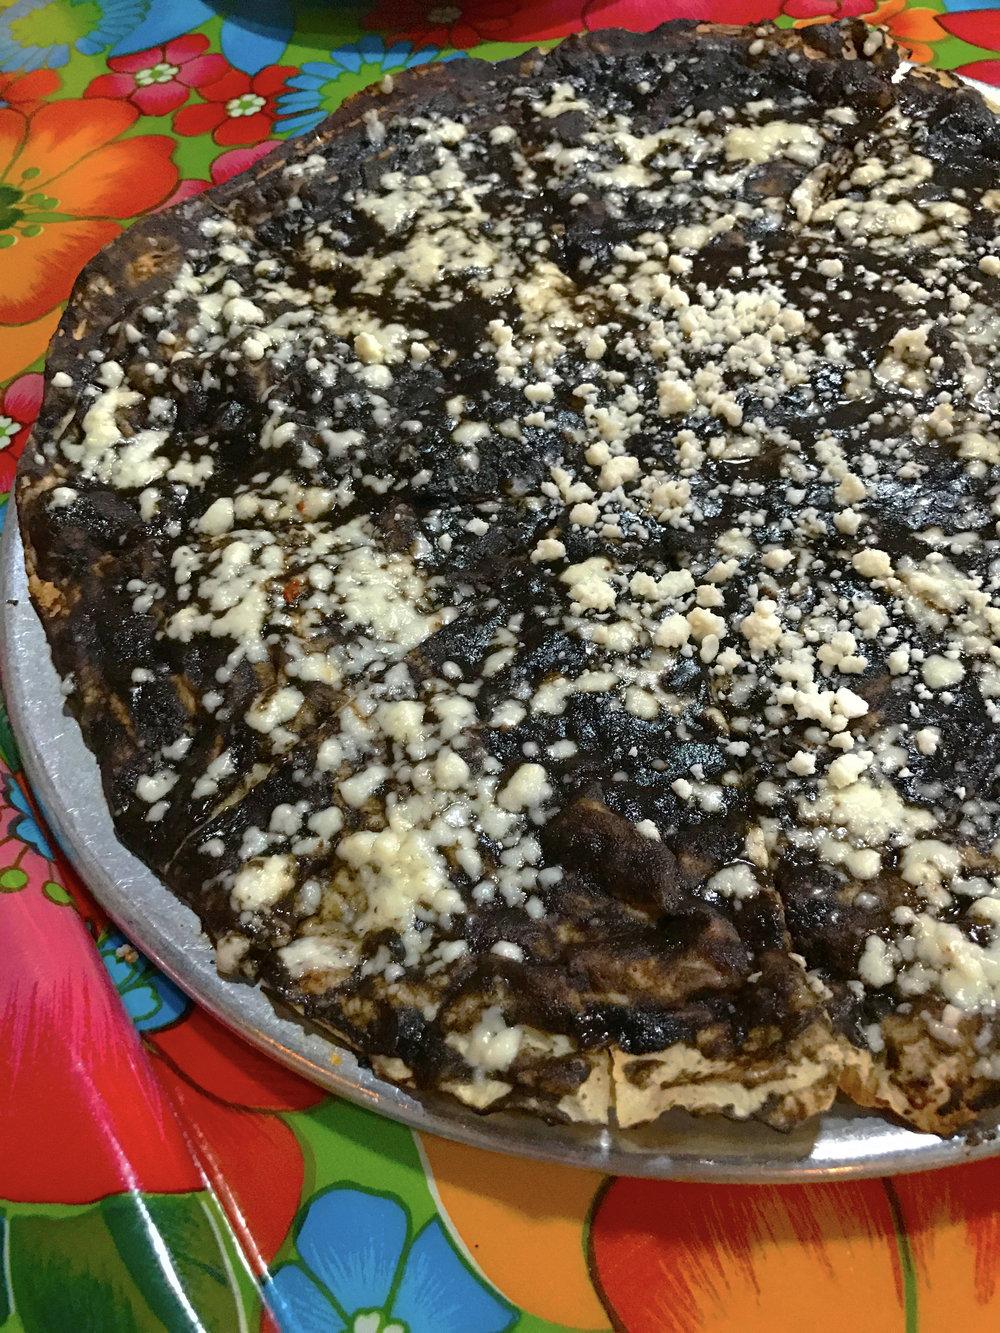 TLAYUDA DE MOLE - tlayuda tortilla topped with black mole